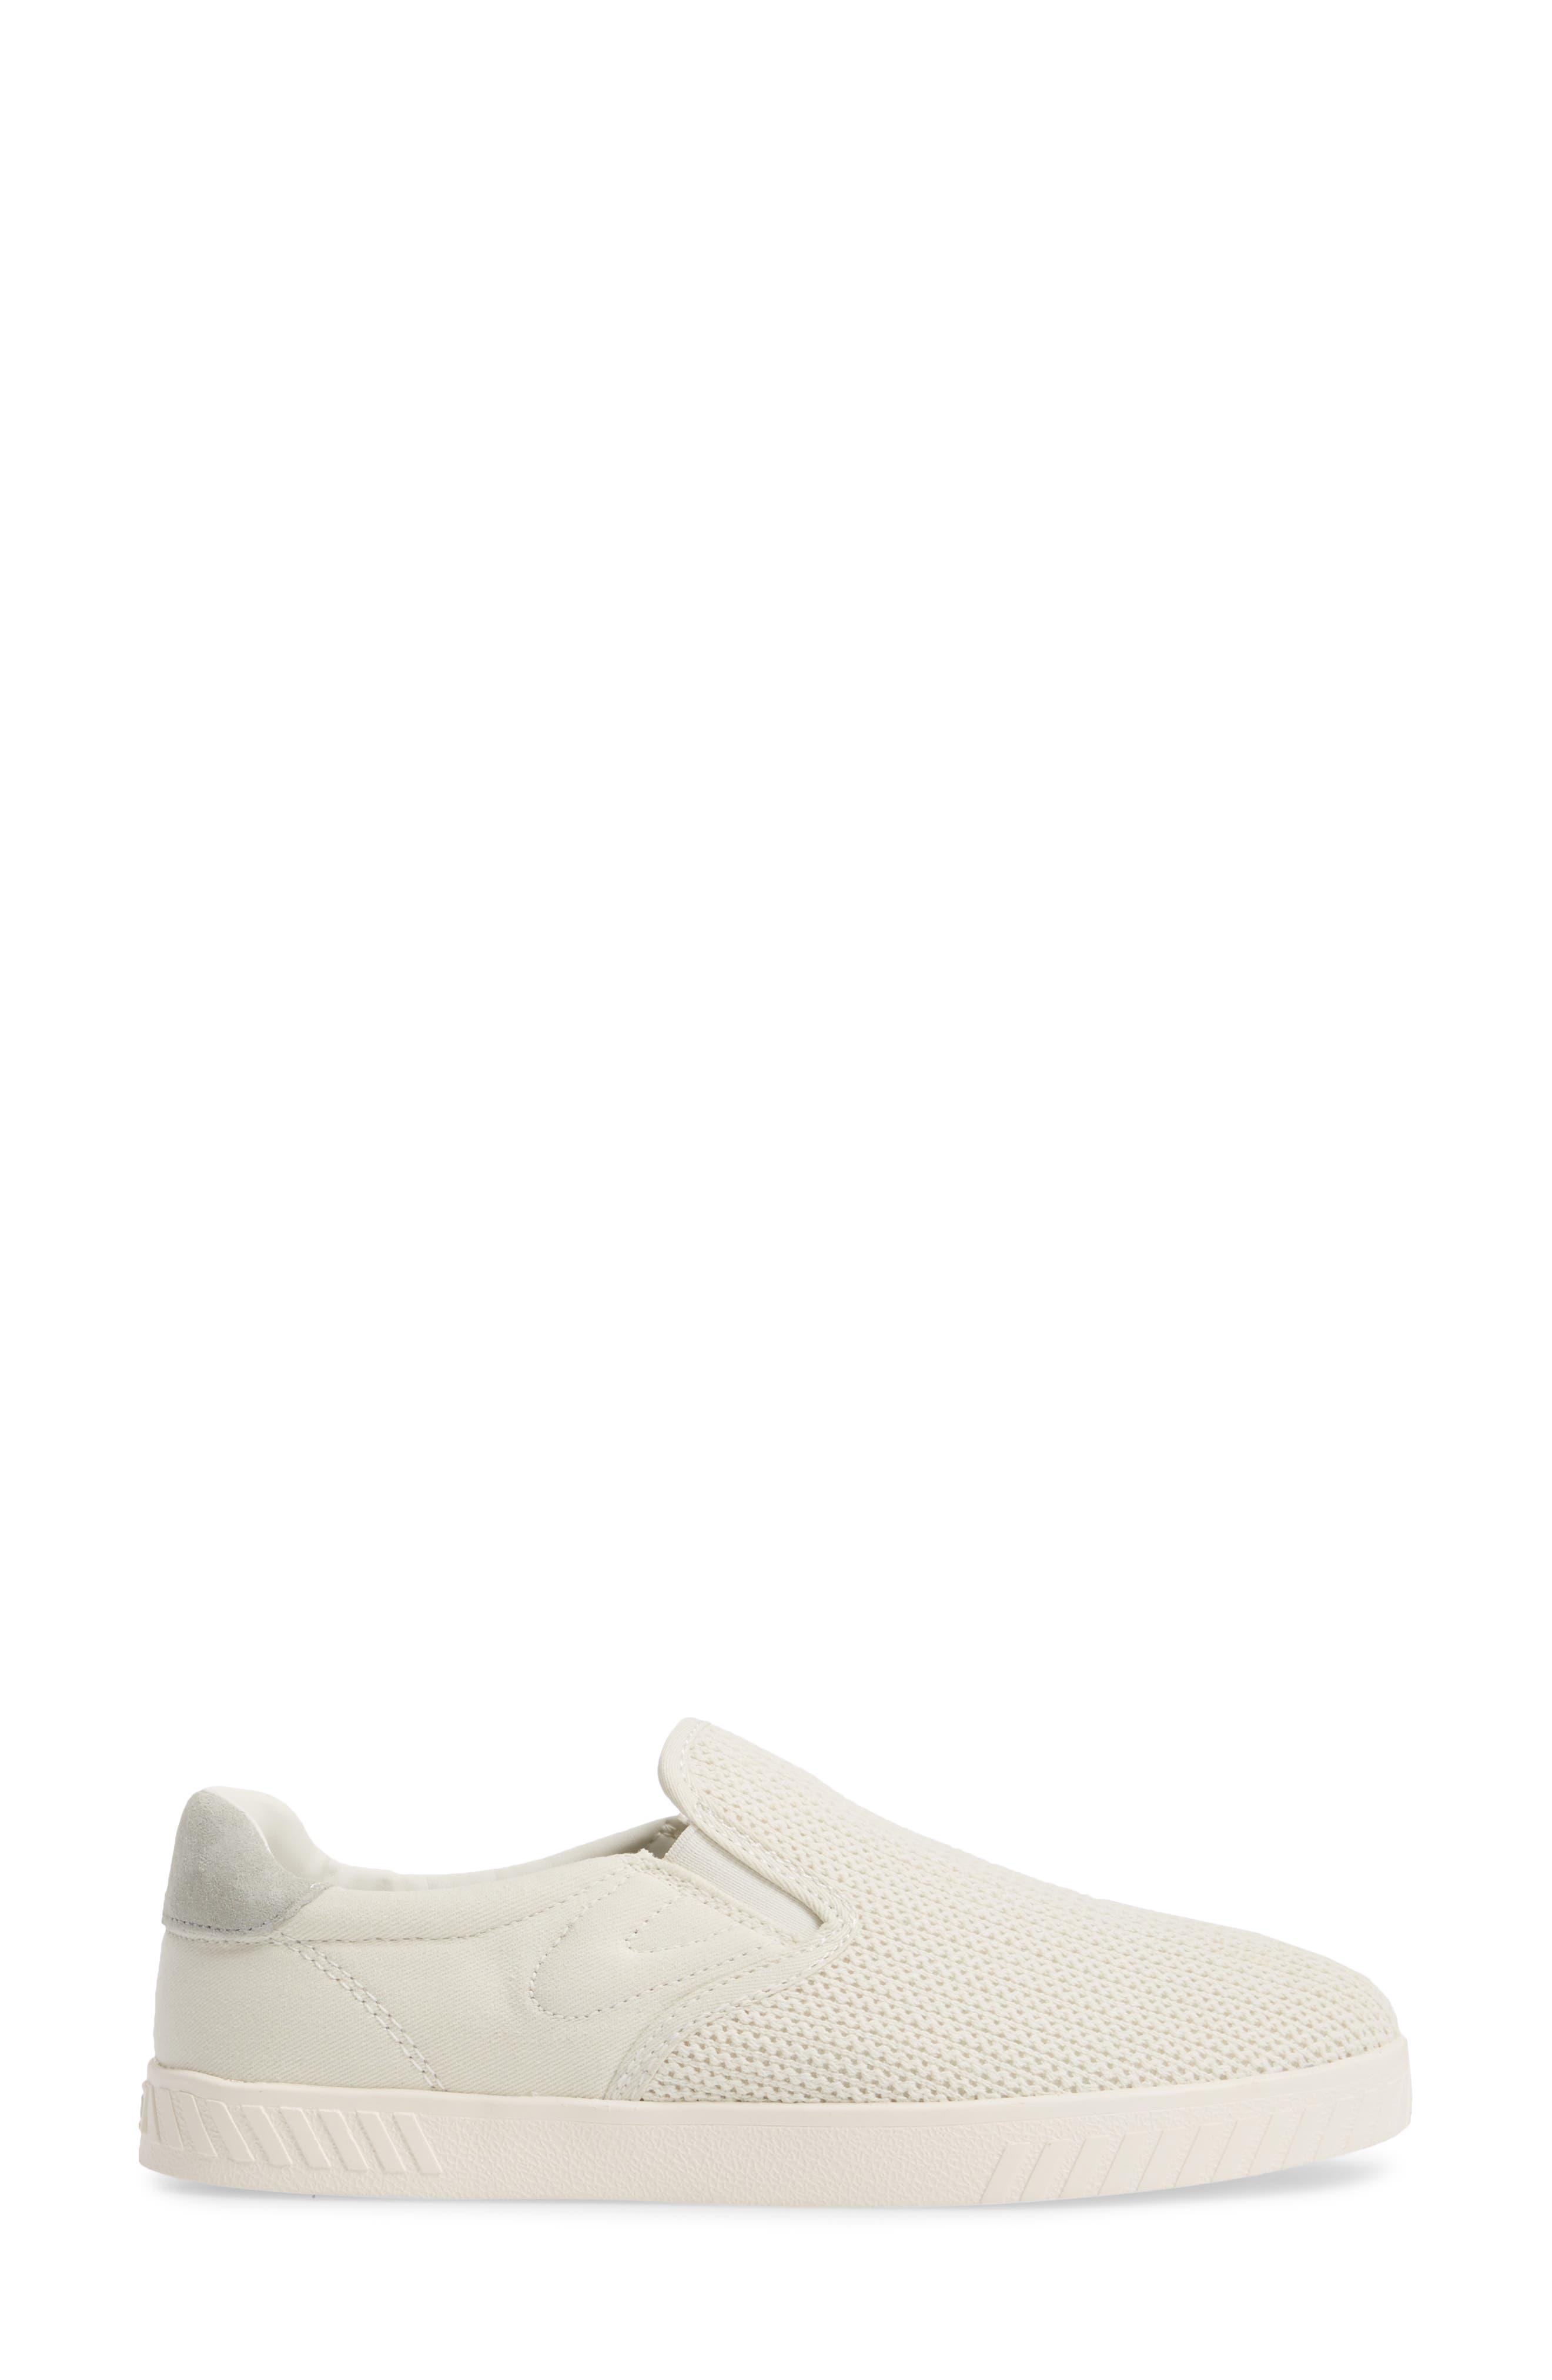 Cruz Mesh Slip-On Sneaker,                             Alternate thumbnail 3, color,                             Vintage White